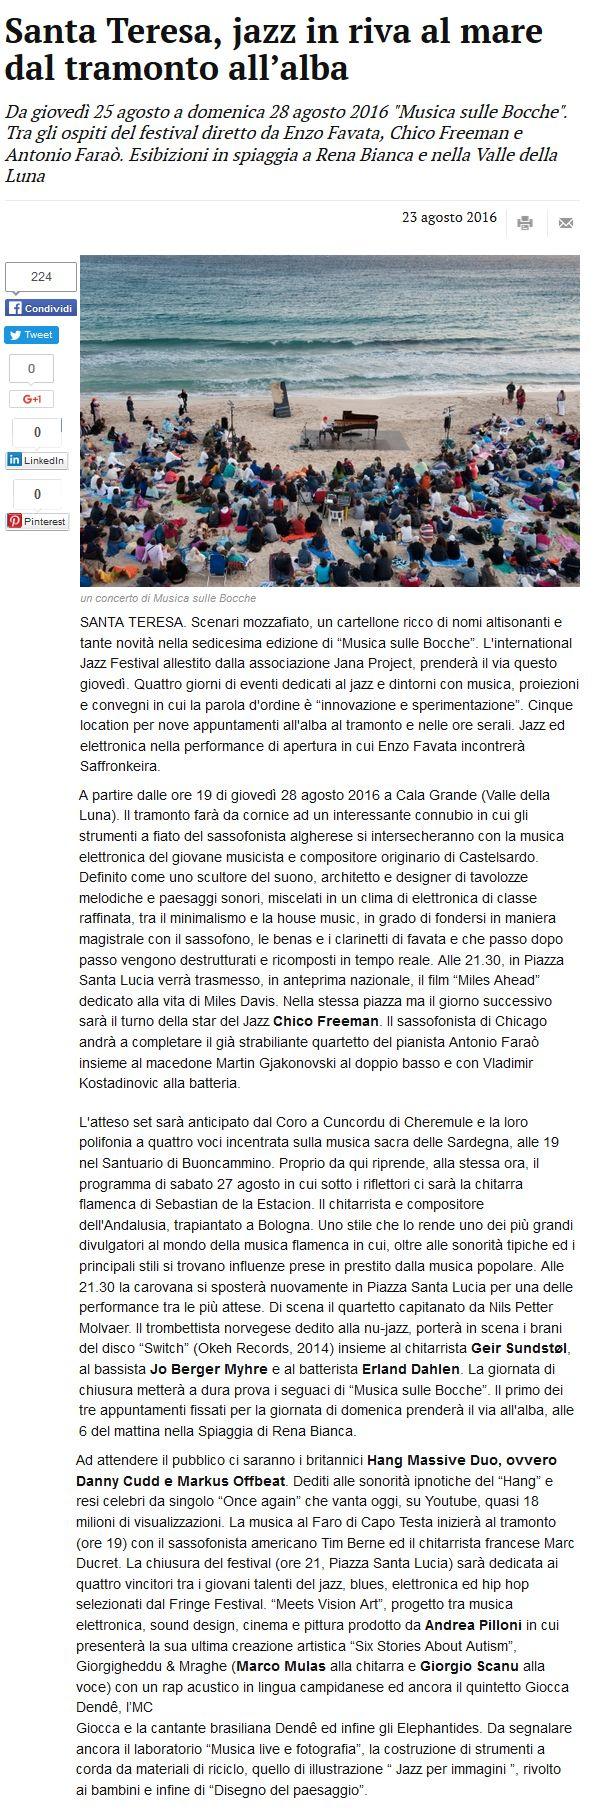 La Nuova Sardegna, 23 agosto 2016  #CoastalLandscapeArchitectures #FestivalMusicasulleBocche #AaA